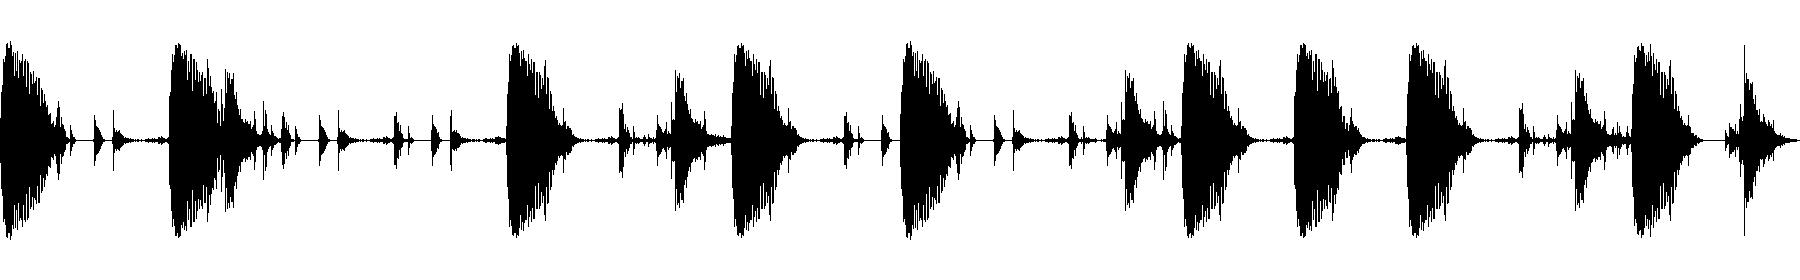 140 drumloop sp 04